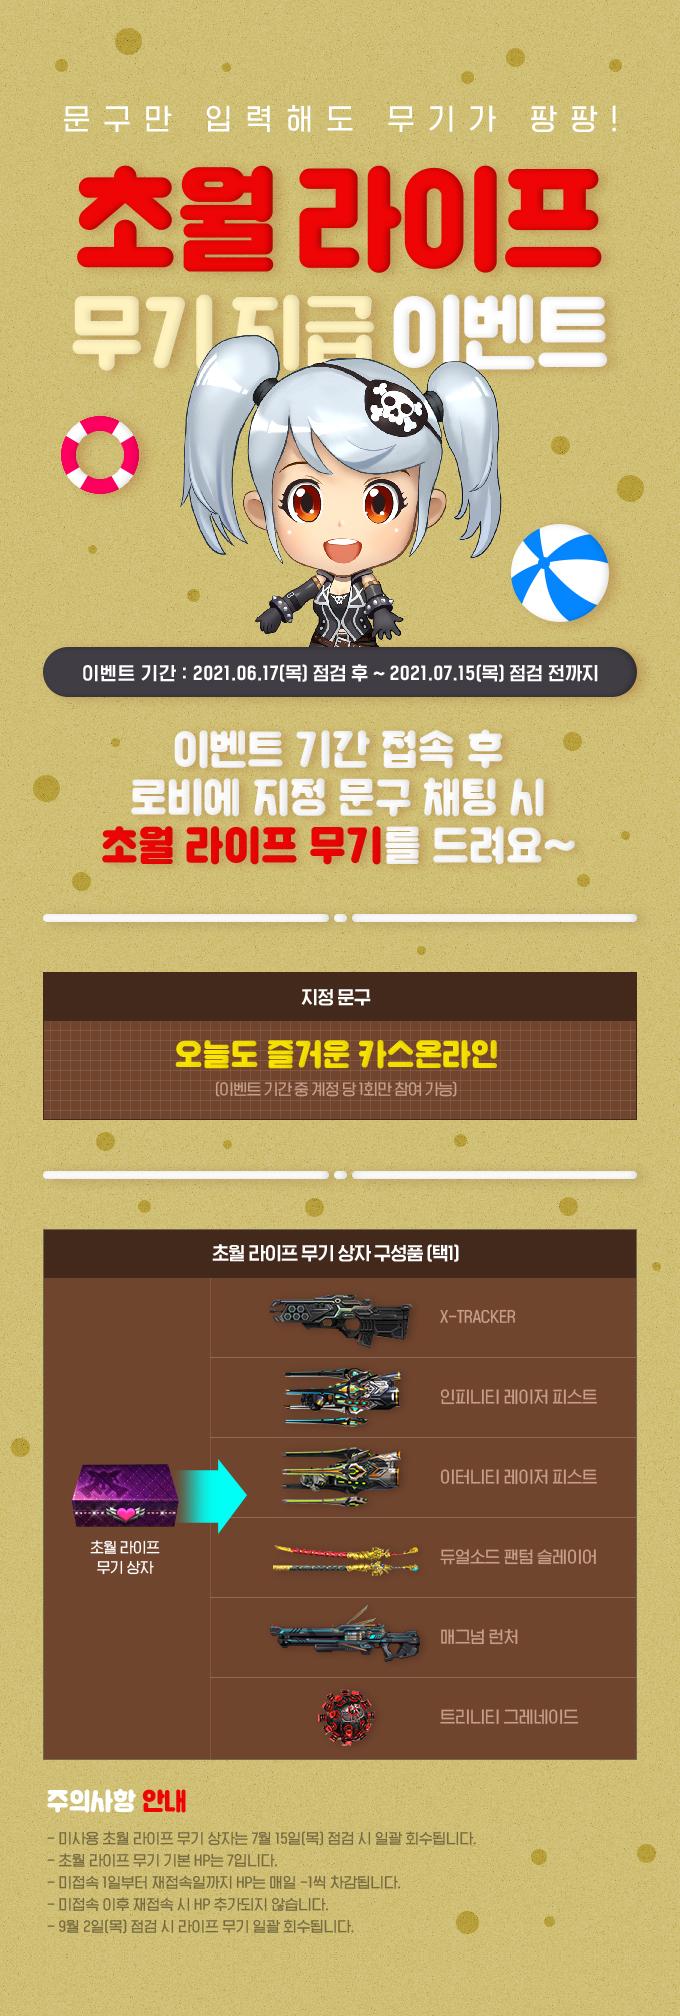 초월 라이프 무기 지급 이벤트